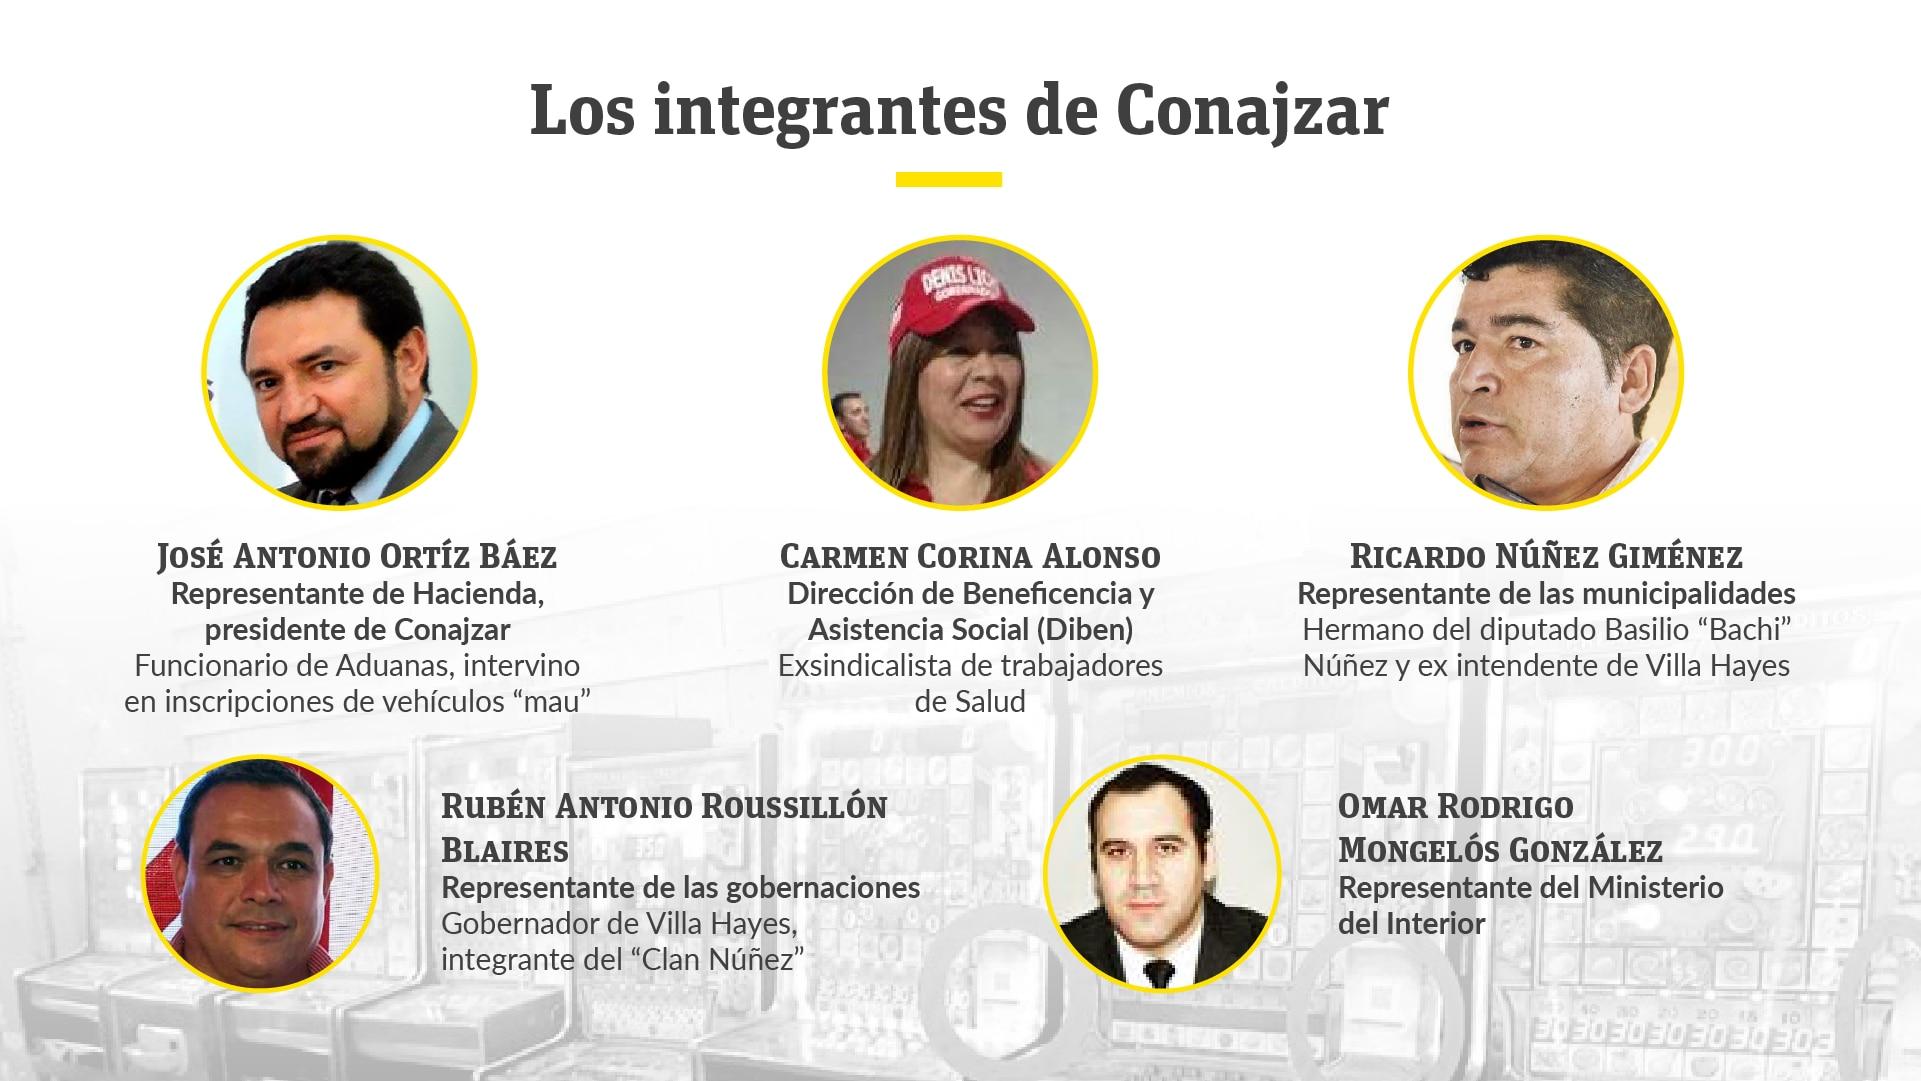 Integrantes de la Comisión Nacional de Juegos de Azar (Conajzar), todos designados por el presidente Mario Abdo Benítez.